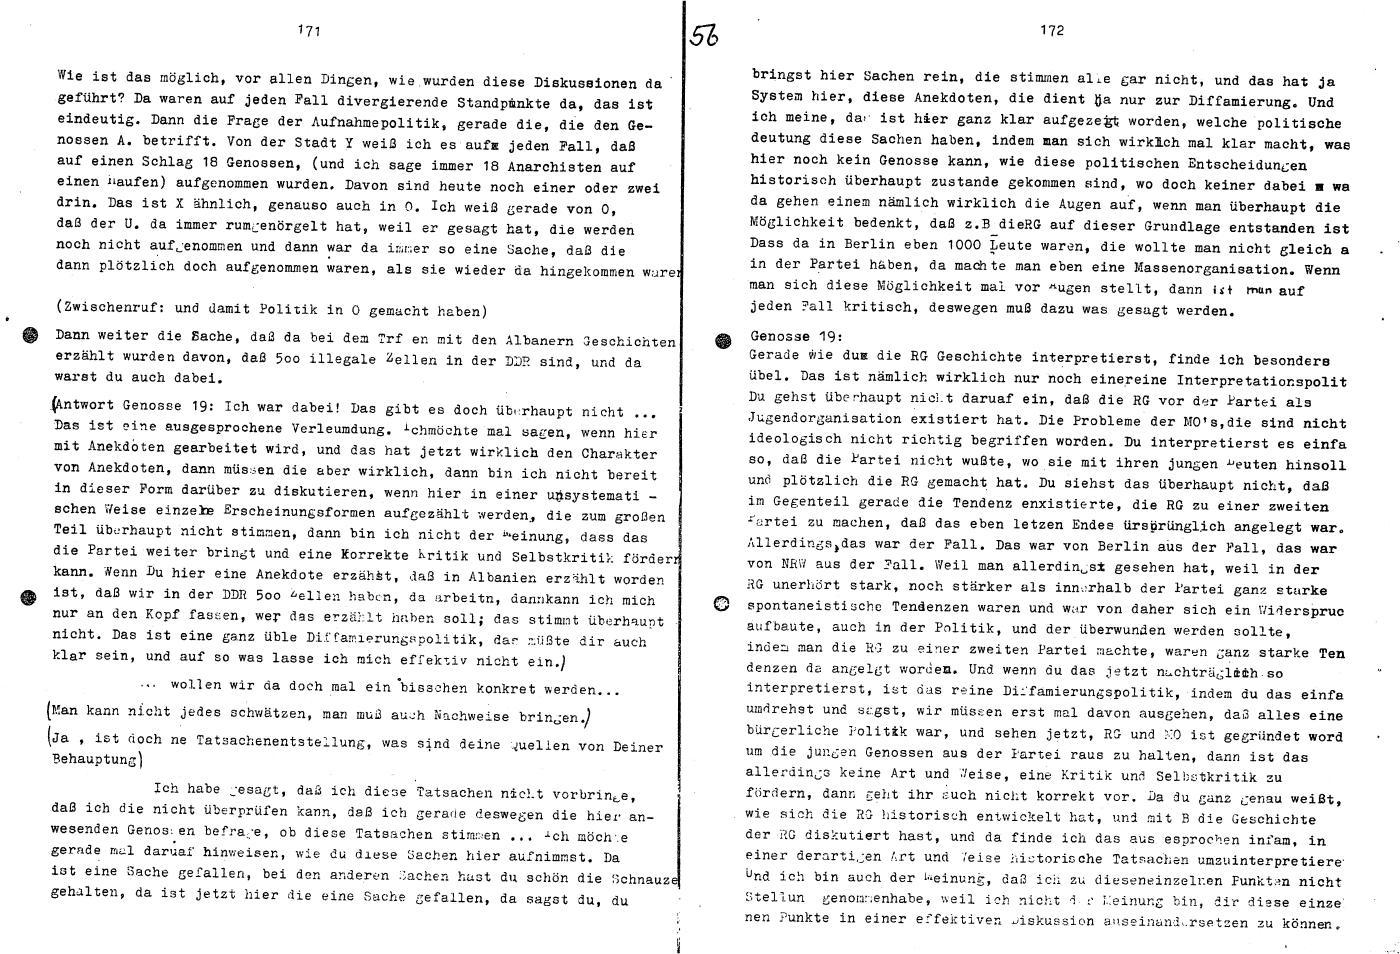 KPDML_1971_Wortprotokolle_aoPt_102